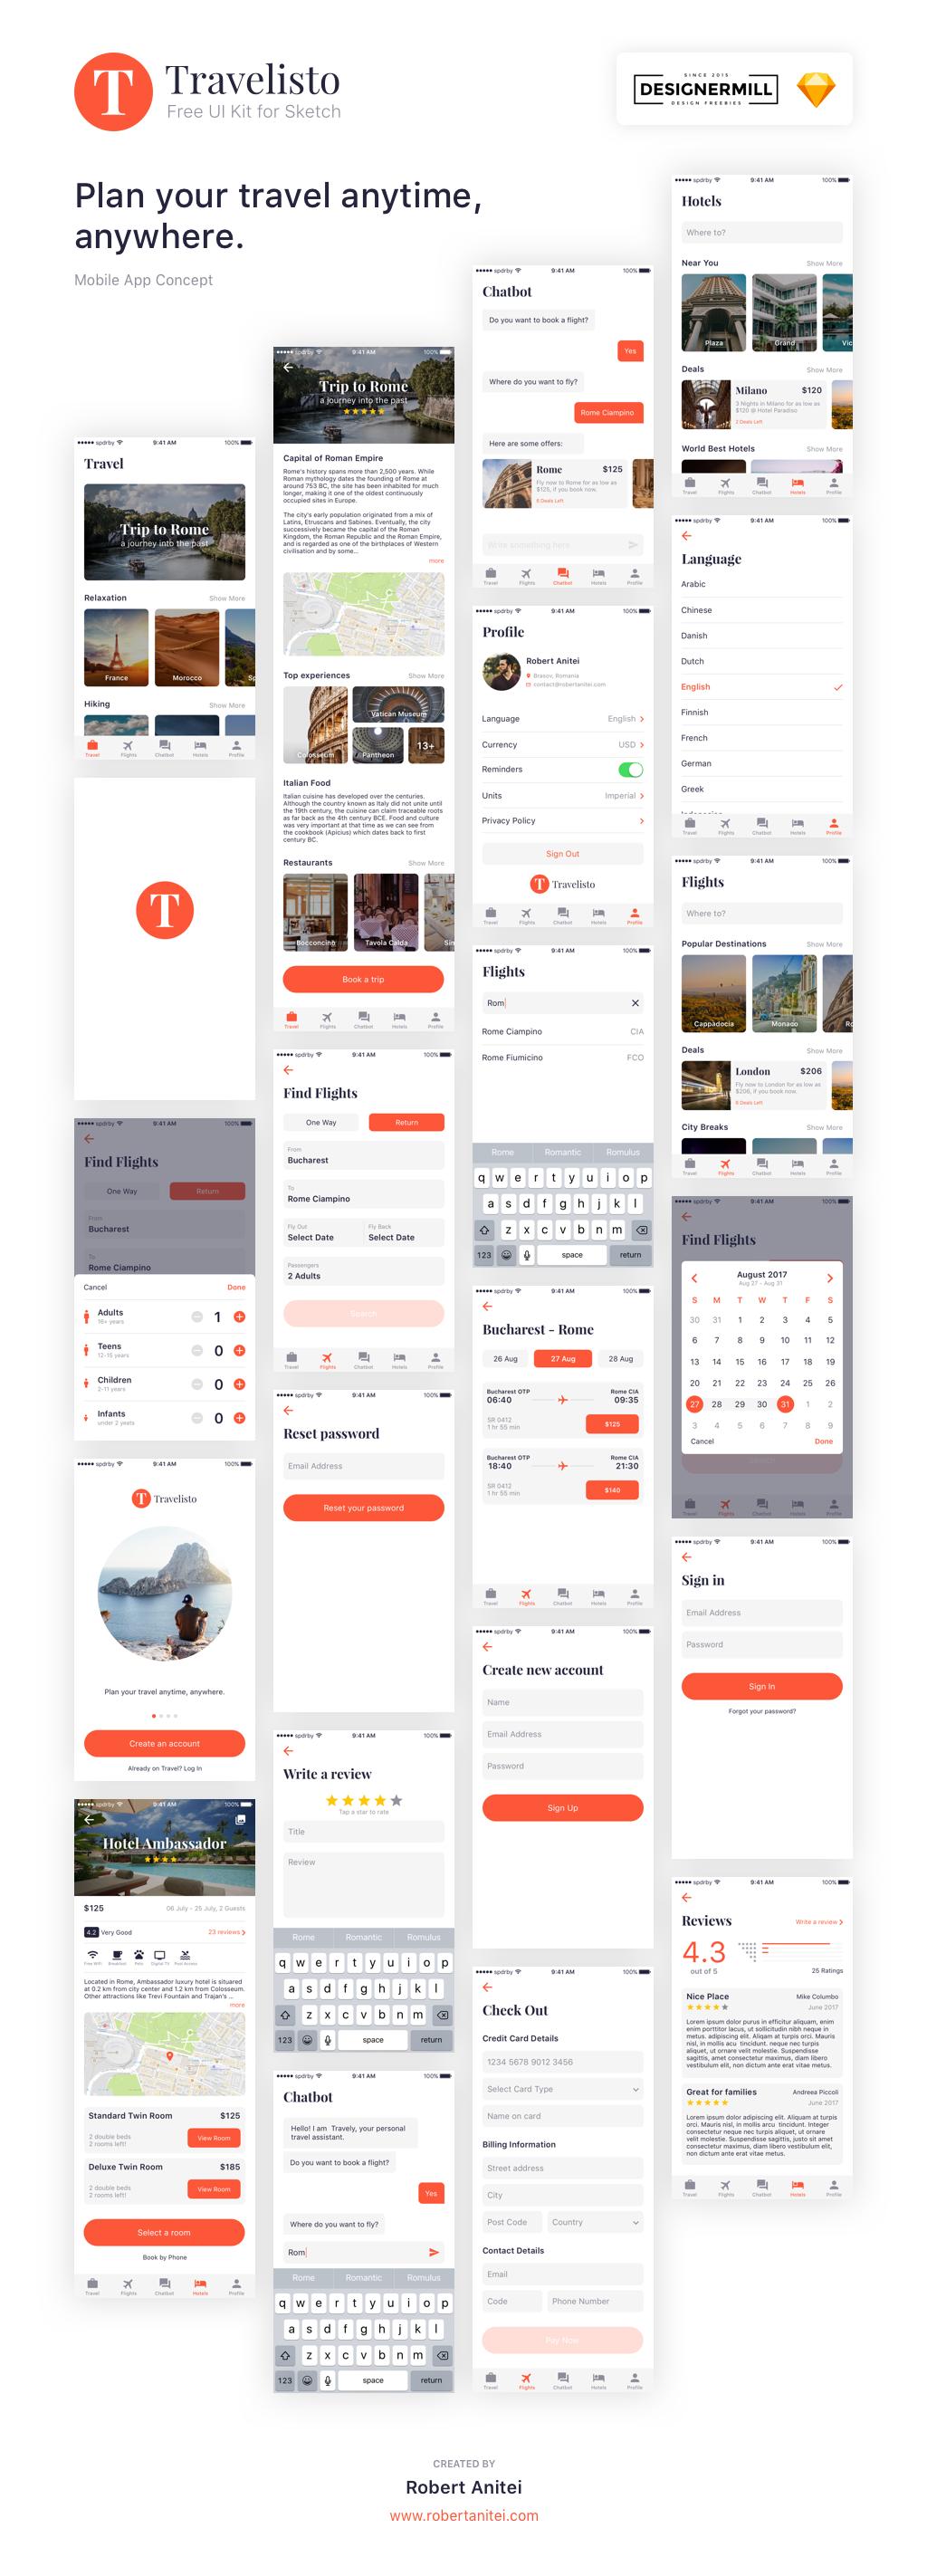 旅行类app Travelisto UI界面设计  sketch素材下载 界面-第1张